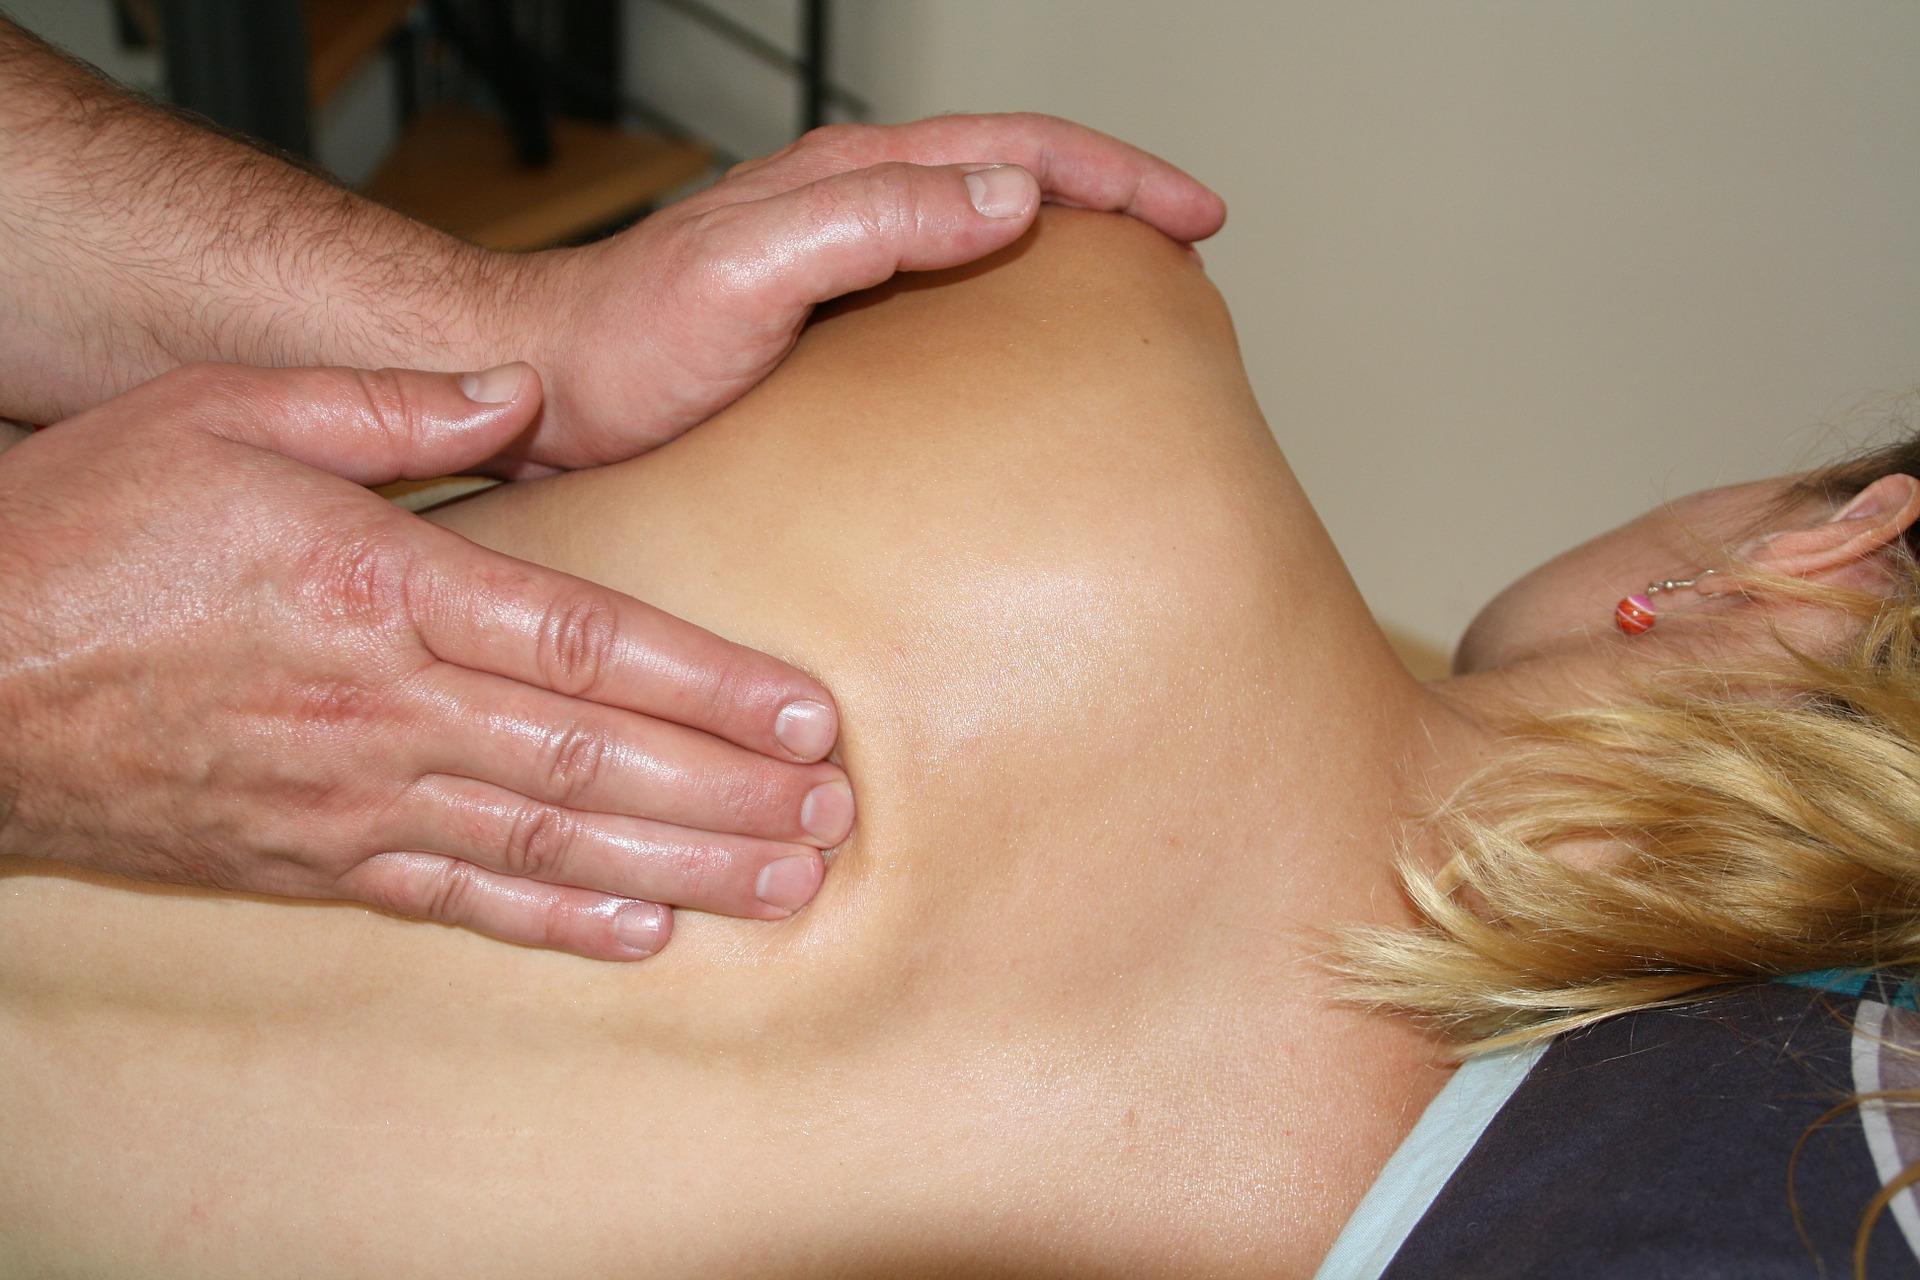 La fisioterapia alivia las molestias musculares que ocasiona el embarazo